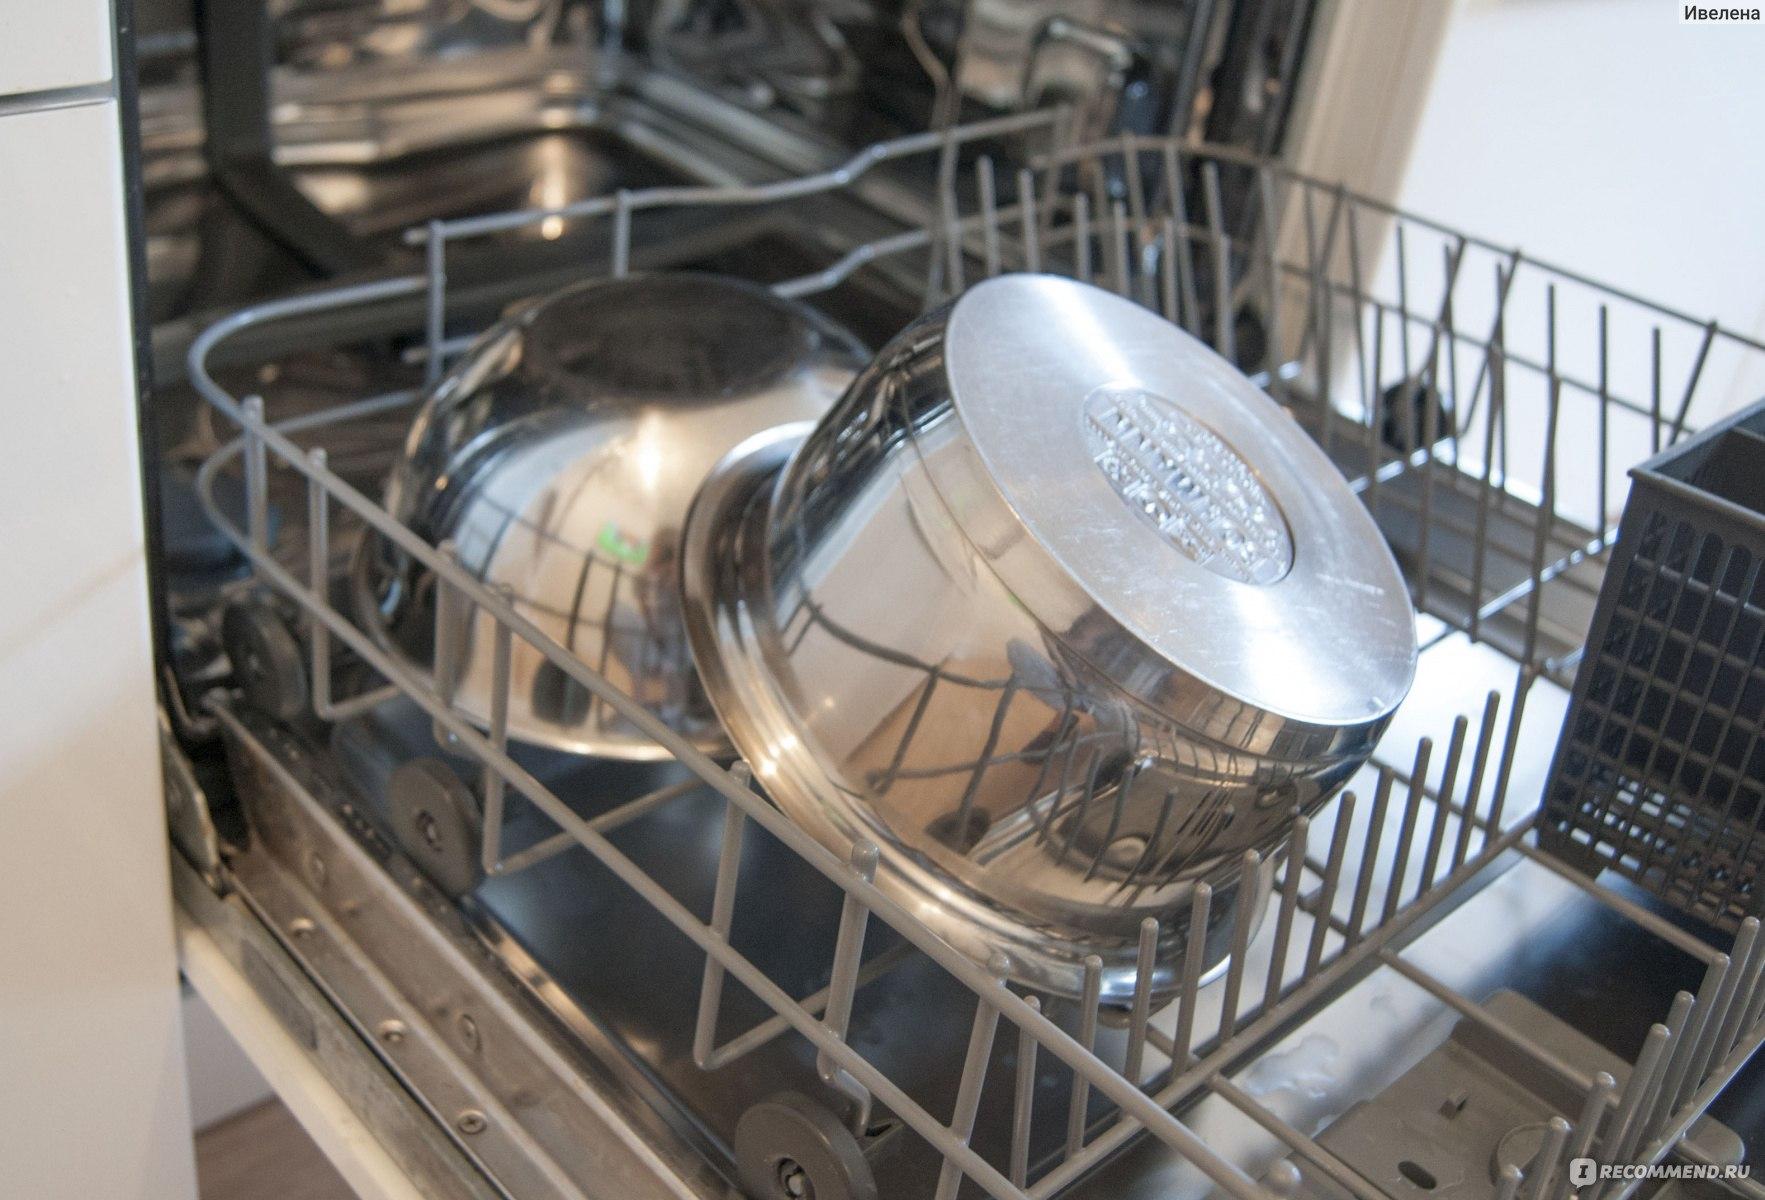 Бытовая техника икеа - отзывы о духовых шкафах, вытяжках, посудомоечных и стиральных машинах, варочных панелях, производство и гарантии